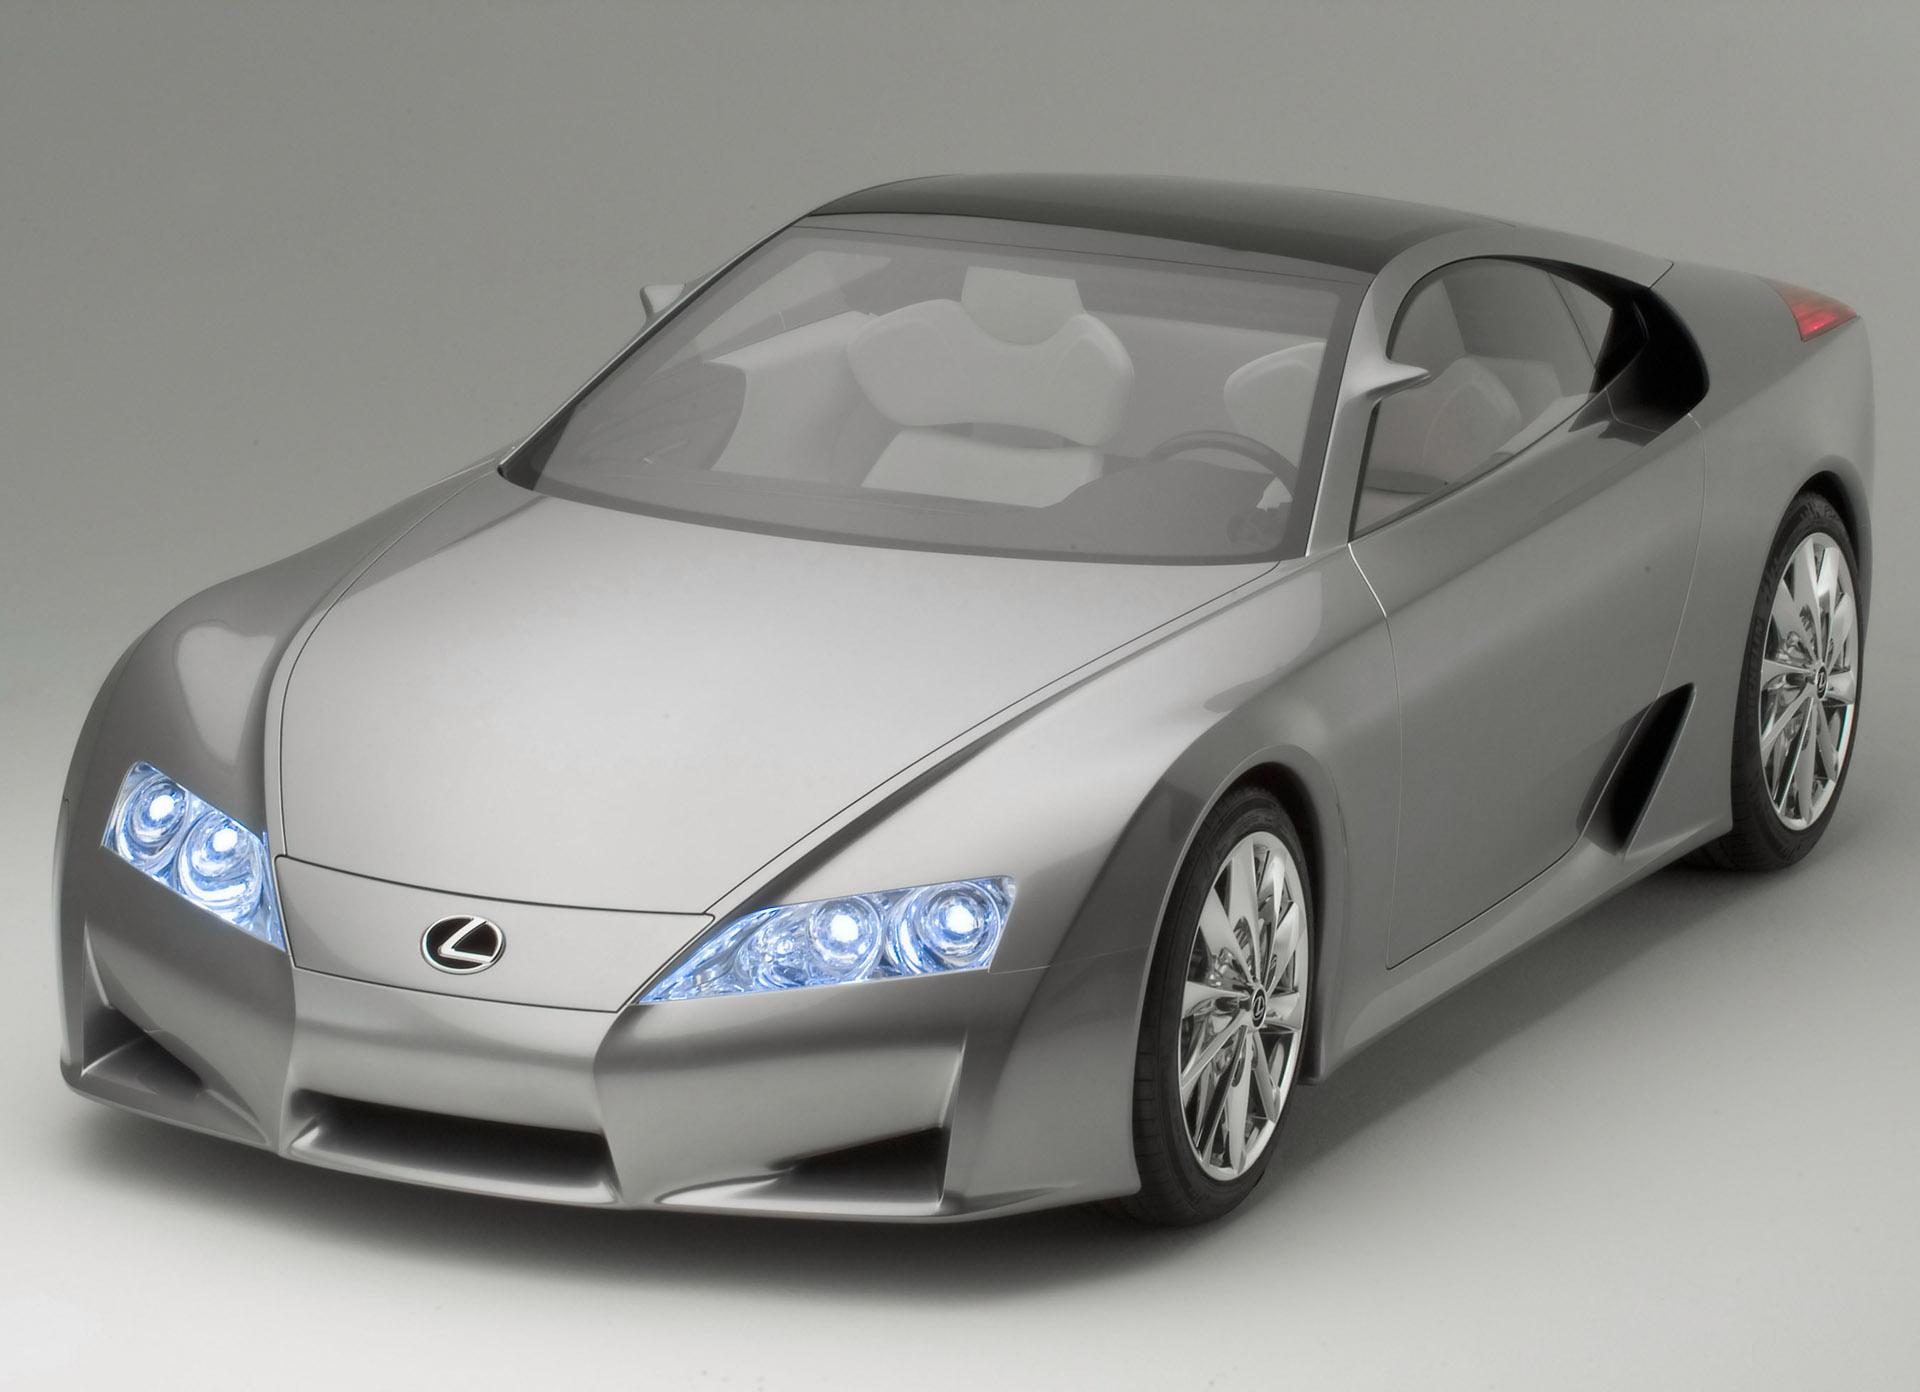 Lexus LF-A Concept photo #1